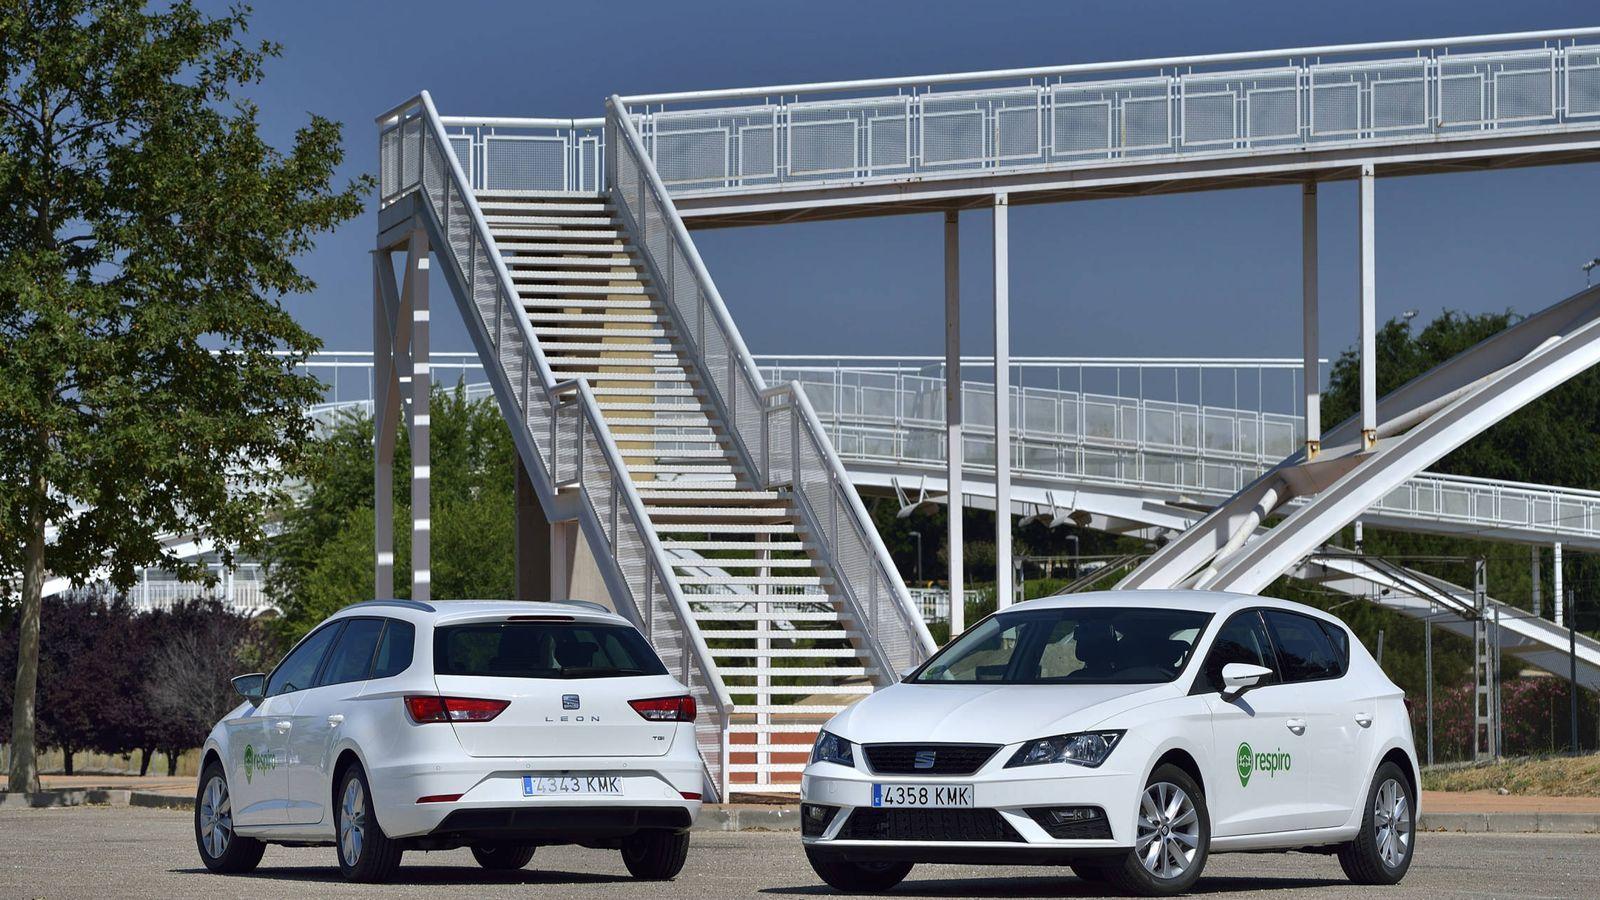 Foto: El programa de carsharing Respiro se amplía hora también a empresas en Madrid y Barcelona con coches de GNC.